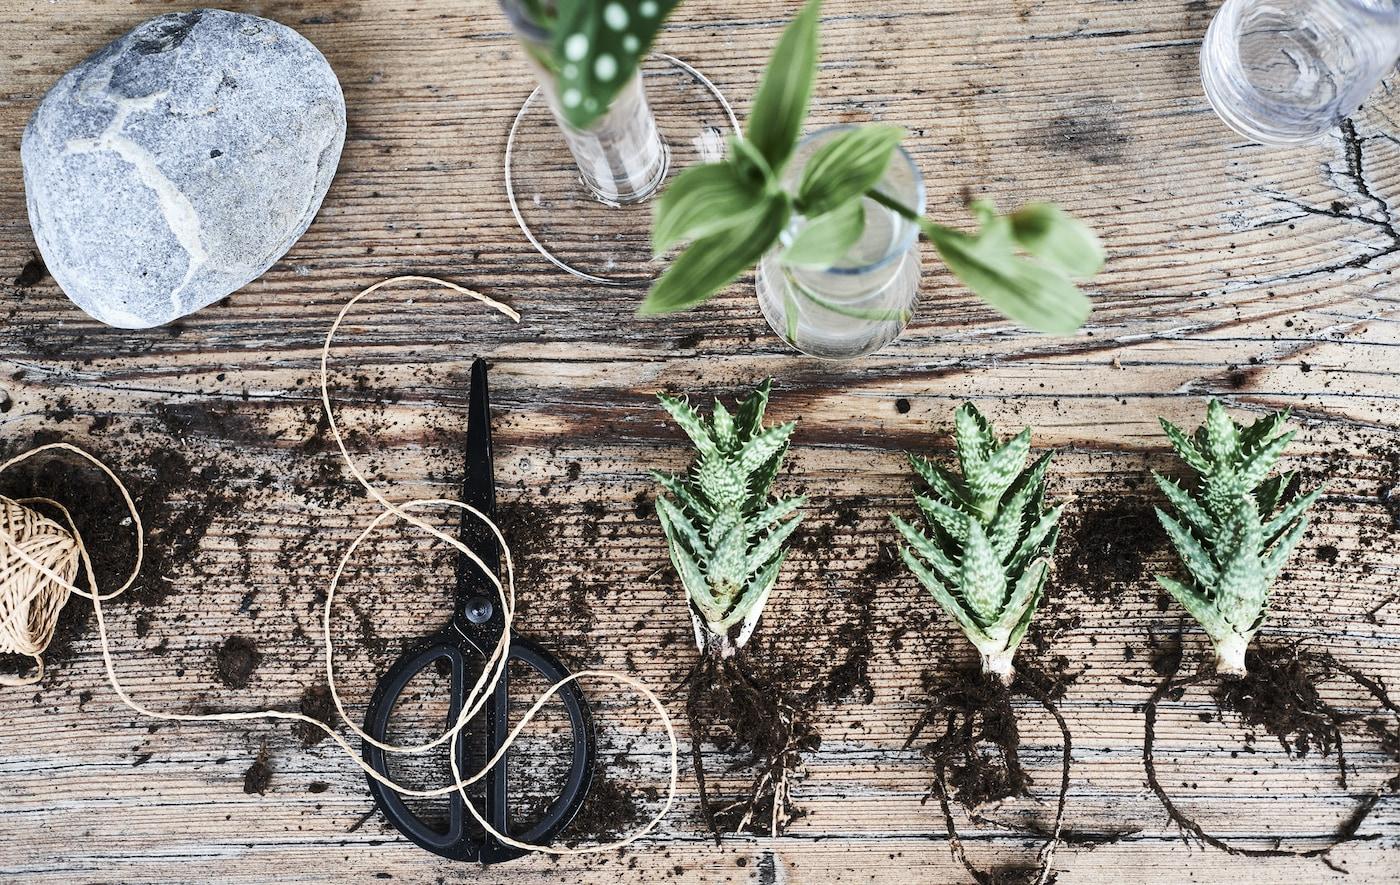 Piante, terriccio, corda e forbici su un ripiano di legno - IKEA